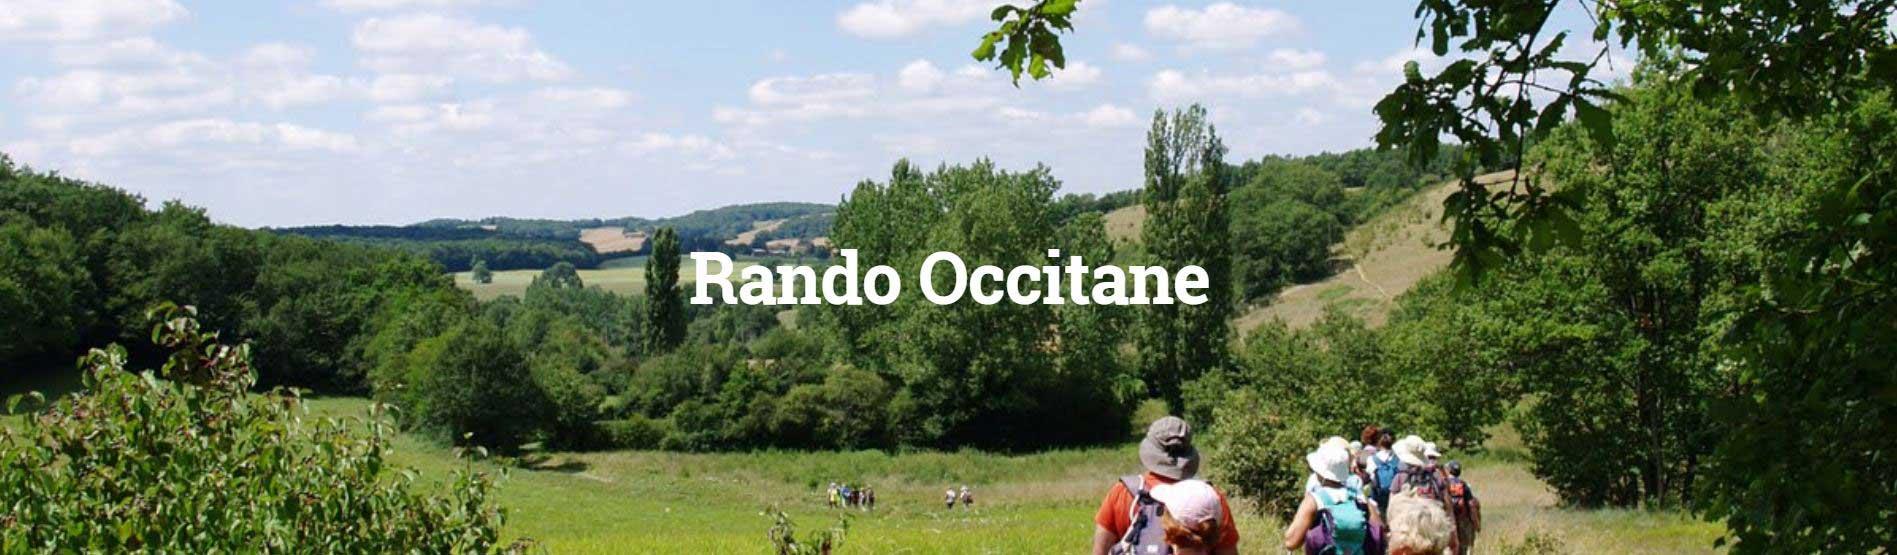 Le calendrier des Randos Occitanes est connu   Mon GR®